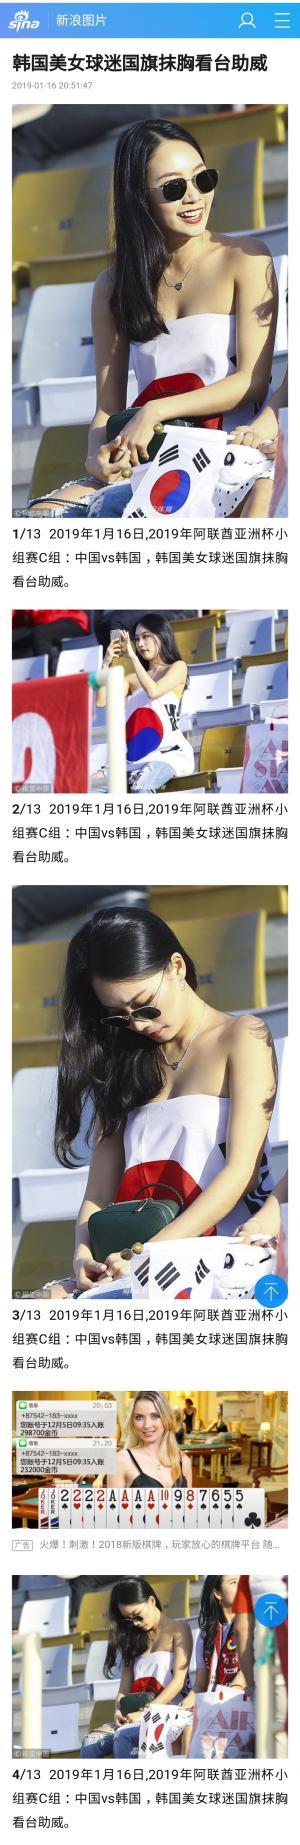 중국 매체, 한국 섹시 응원녀에 '눈 휘둥그레'